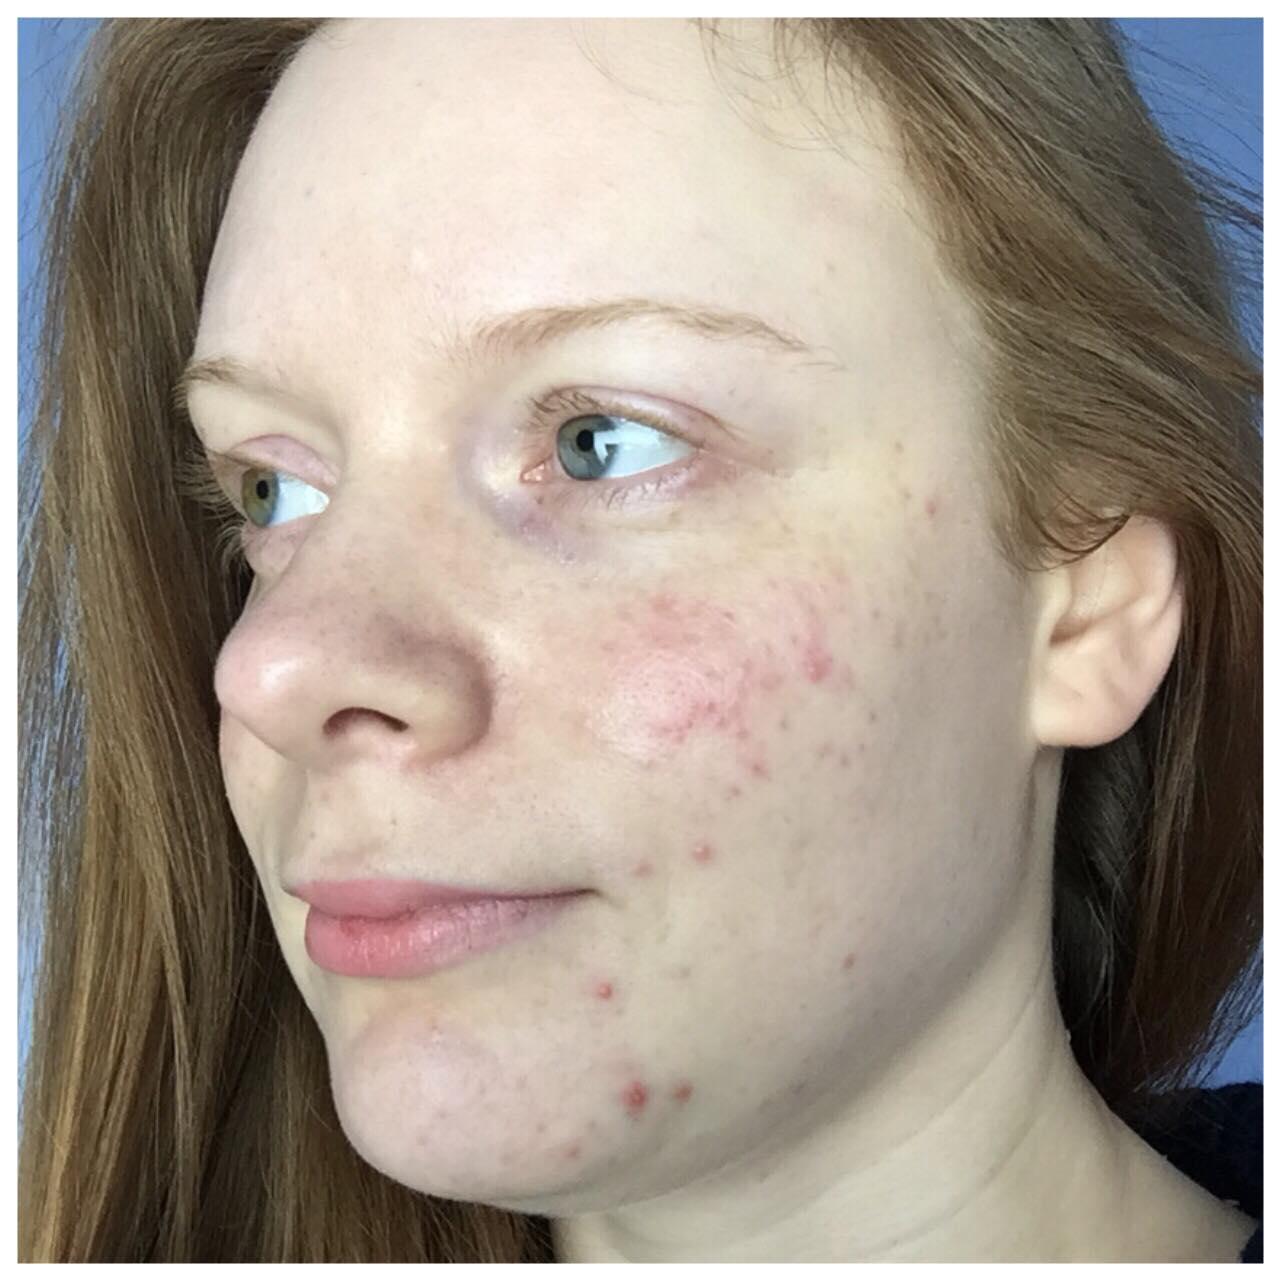 bare face - left